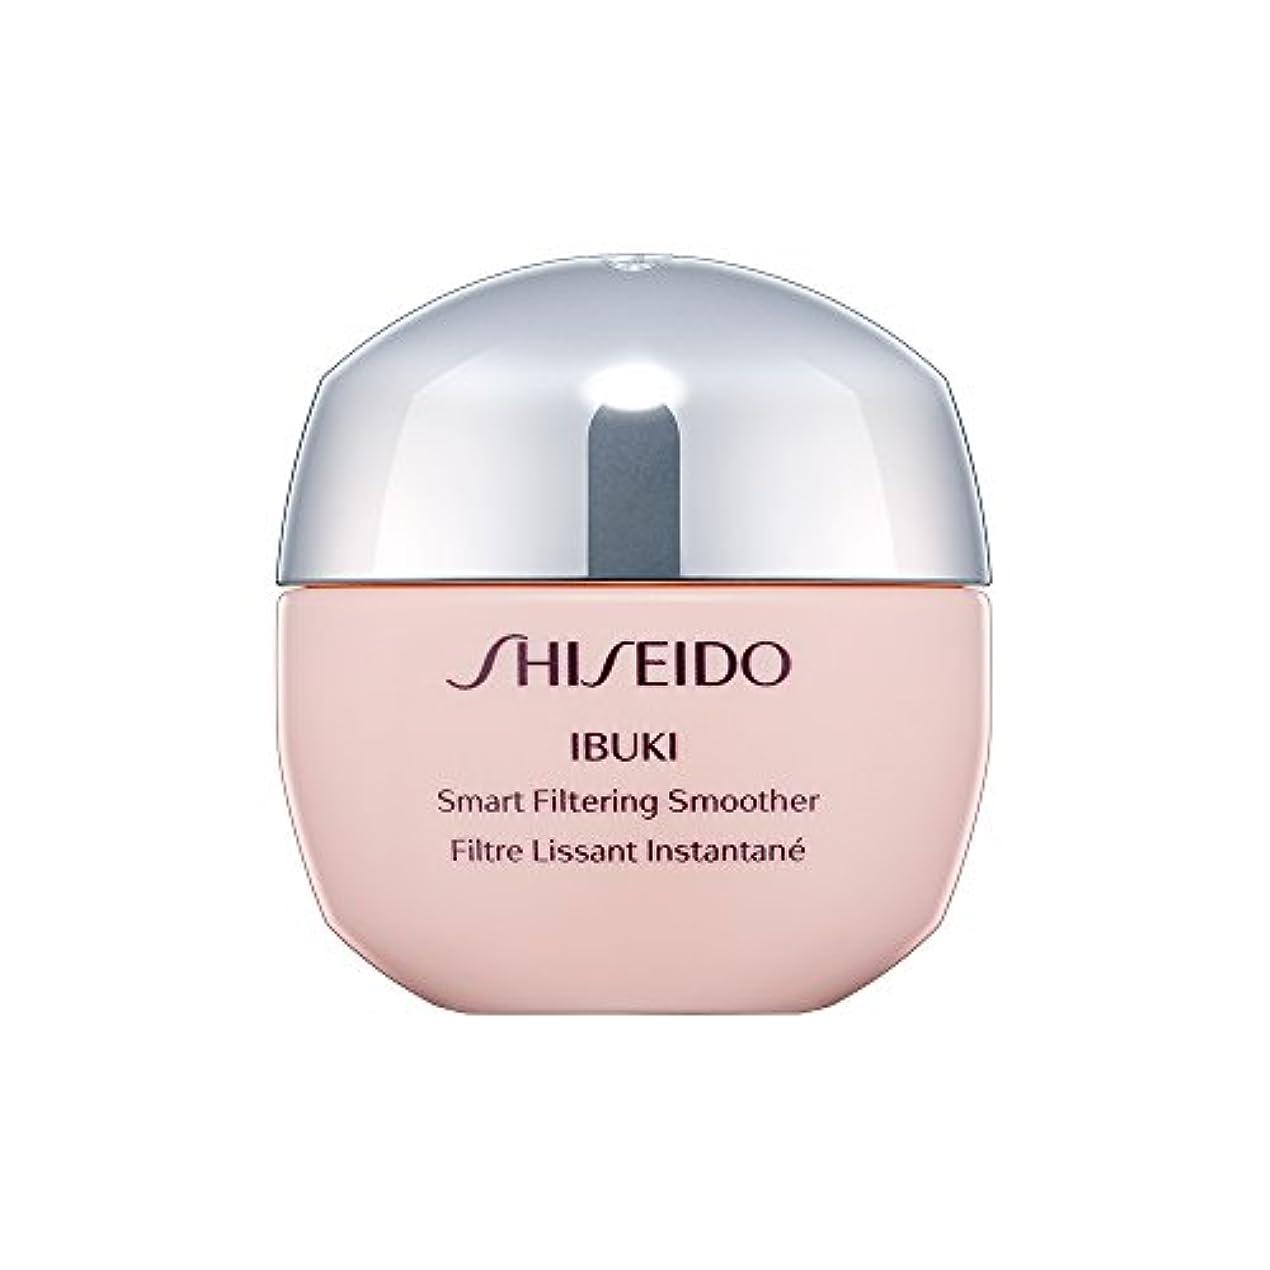 ラケット曲導出資生堂 IBUKI Smart Filtering Smoother 20ml/0.67oz並行輸入品